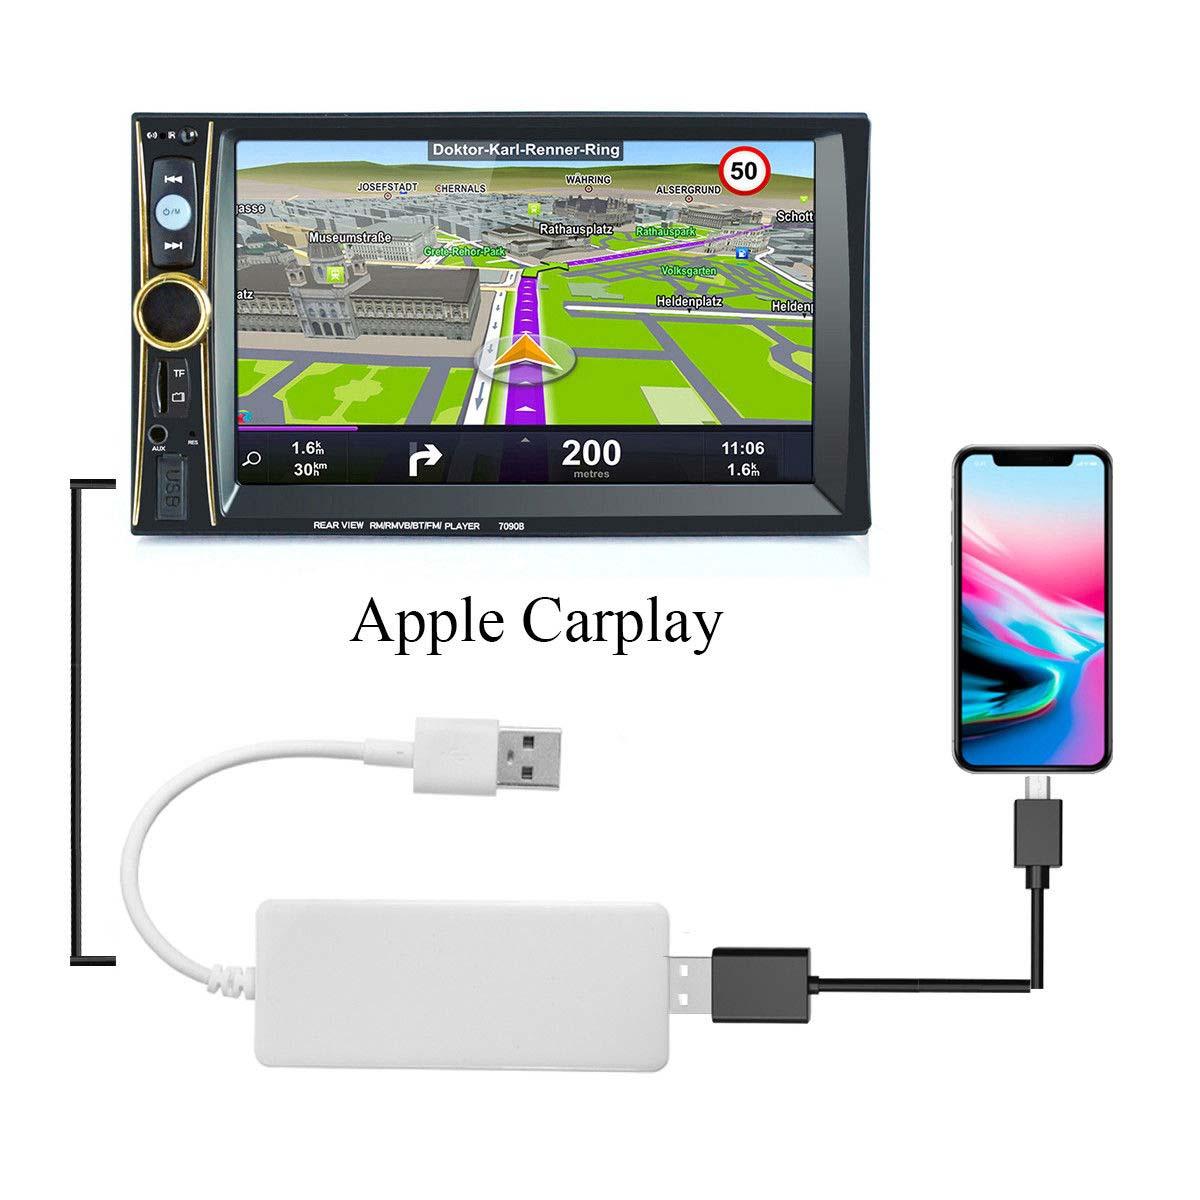 Lien de voiture Dongle lien Dongle universel lien automatique Dongle Navigation lecteur USB Dongle pour Apple Android CarPlay - 2